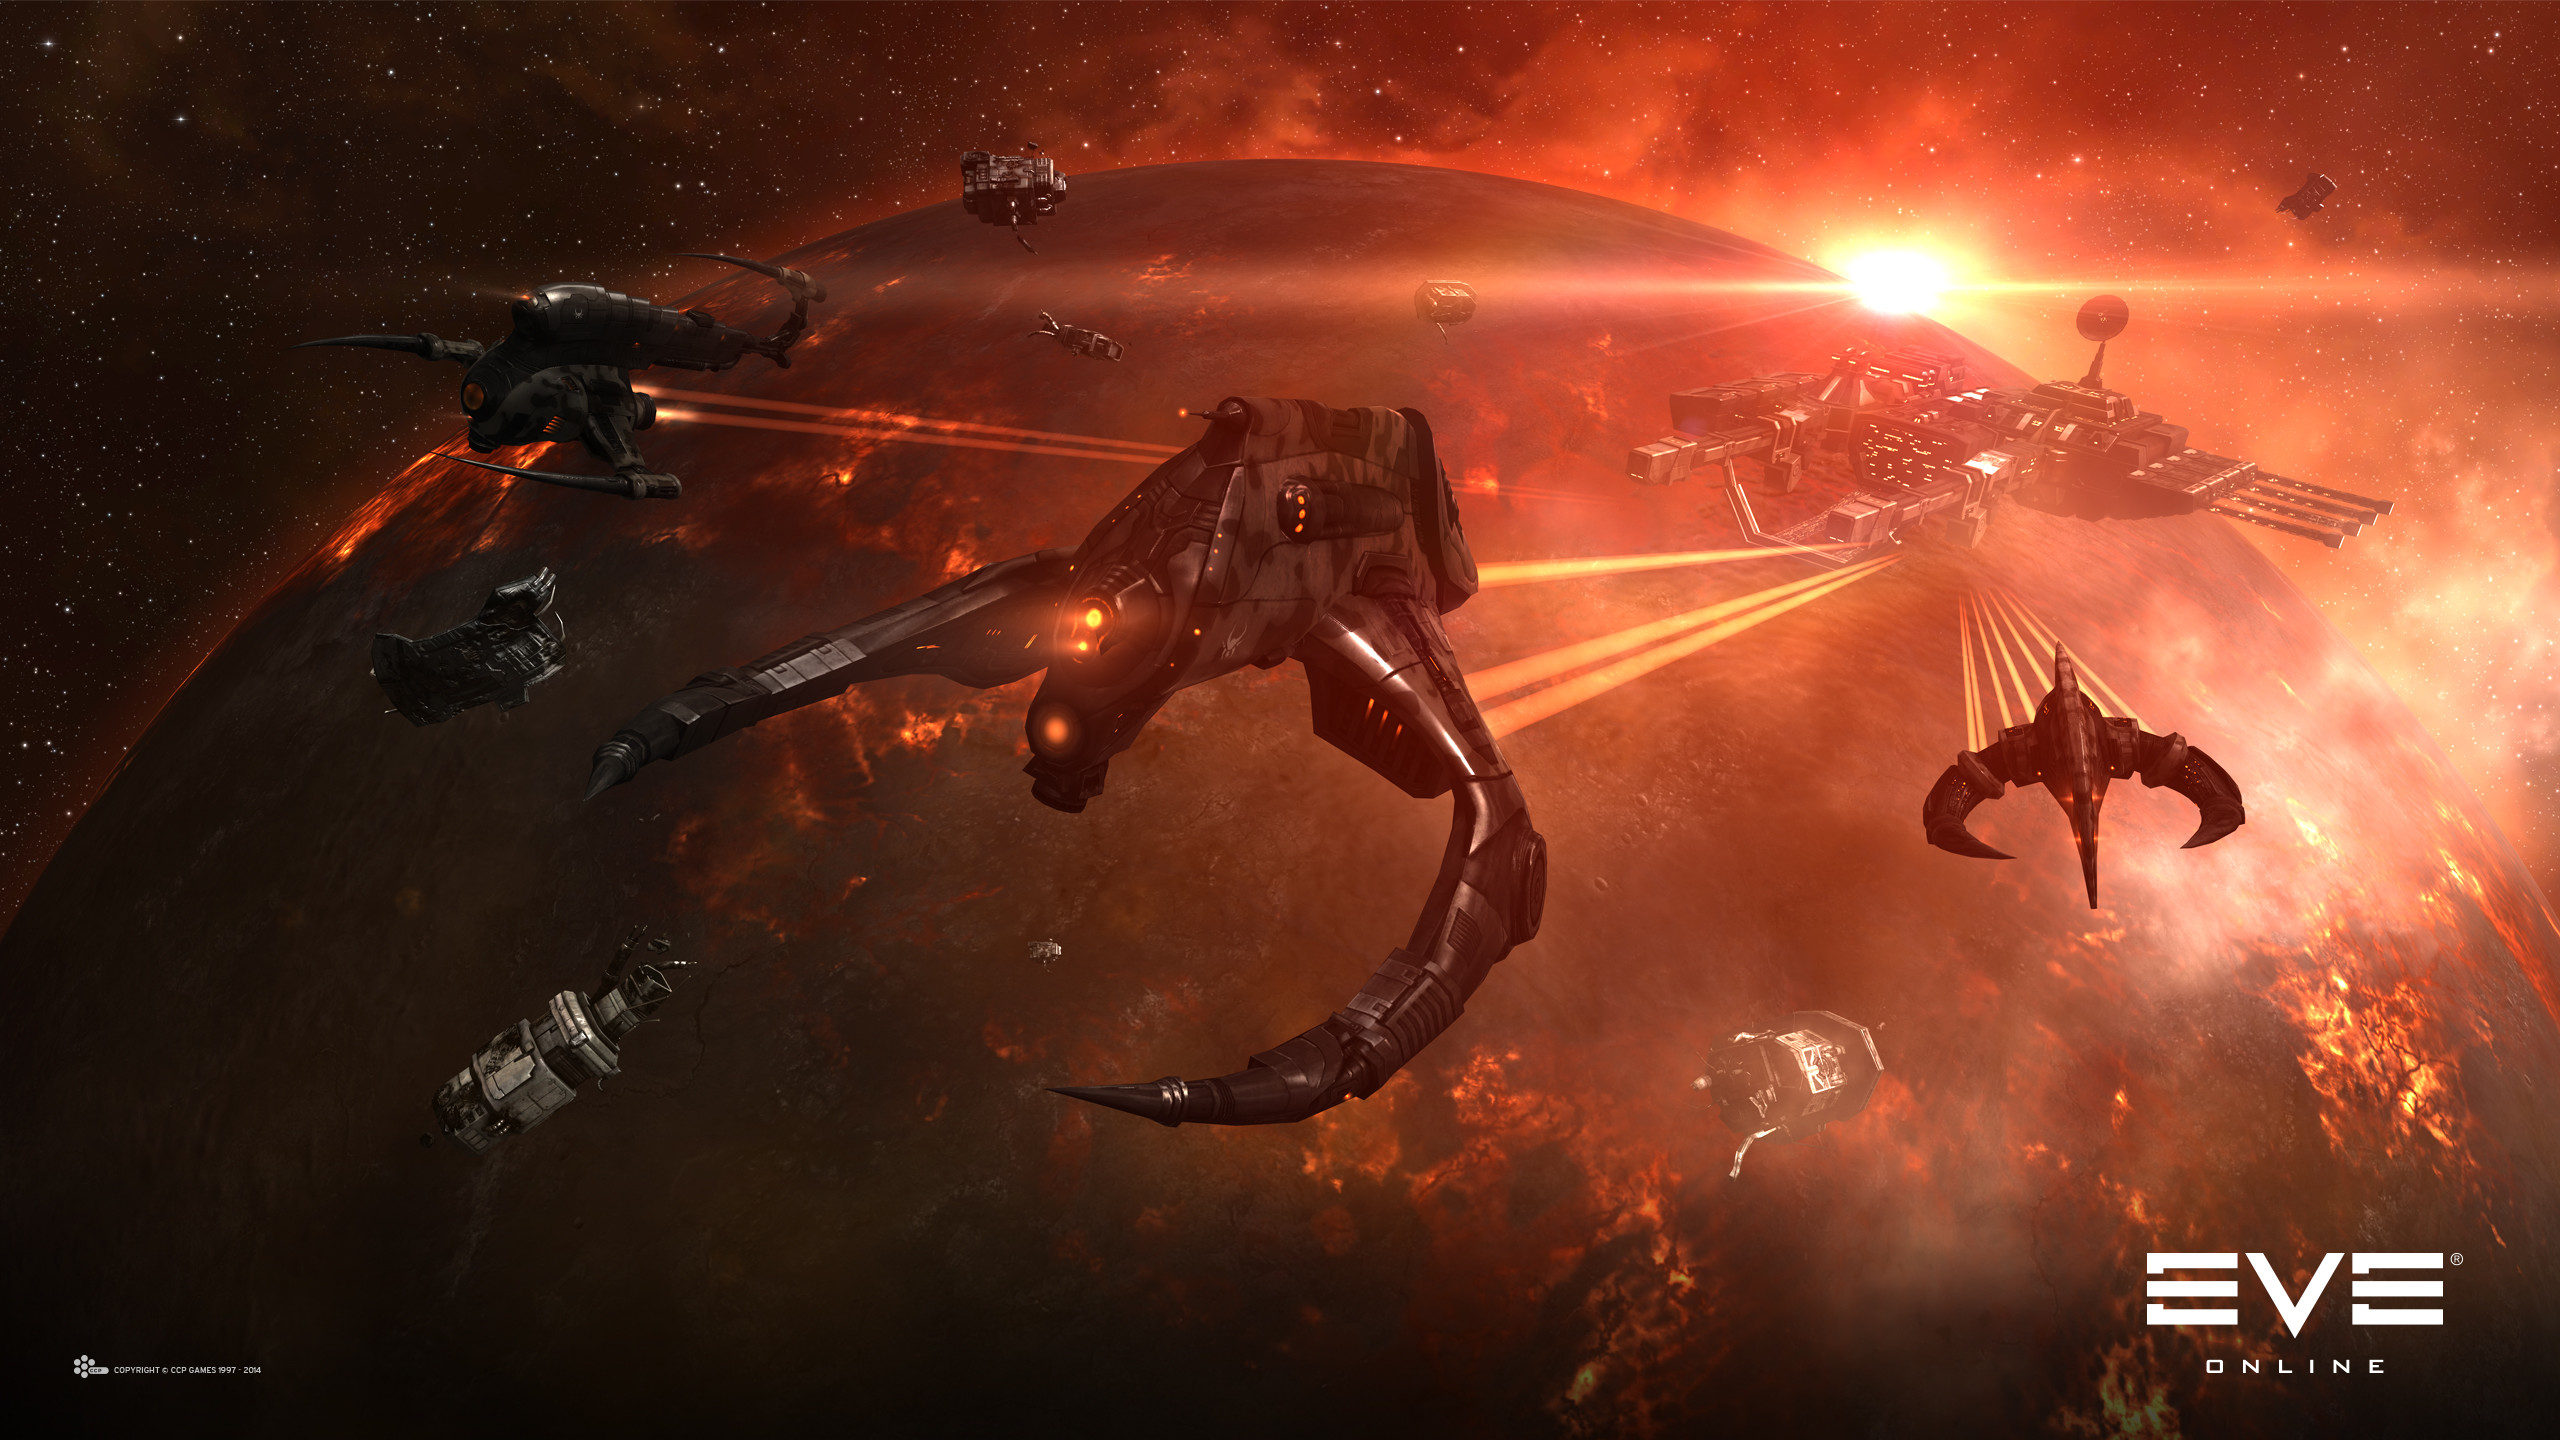 Eve Online Red Planet Desktop Background. Download …